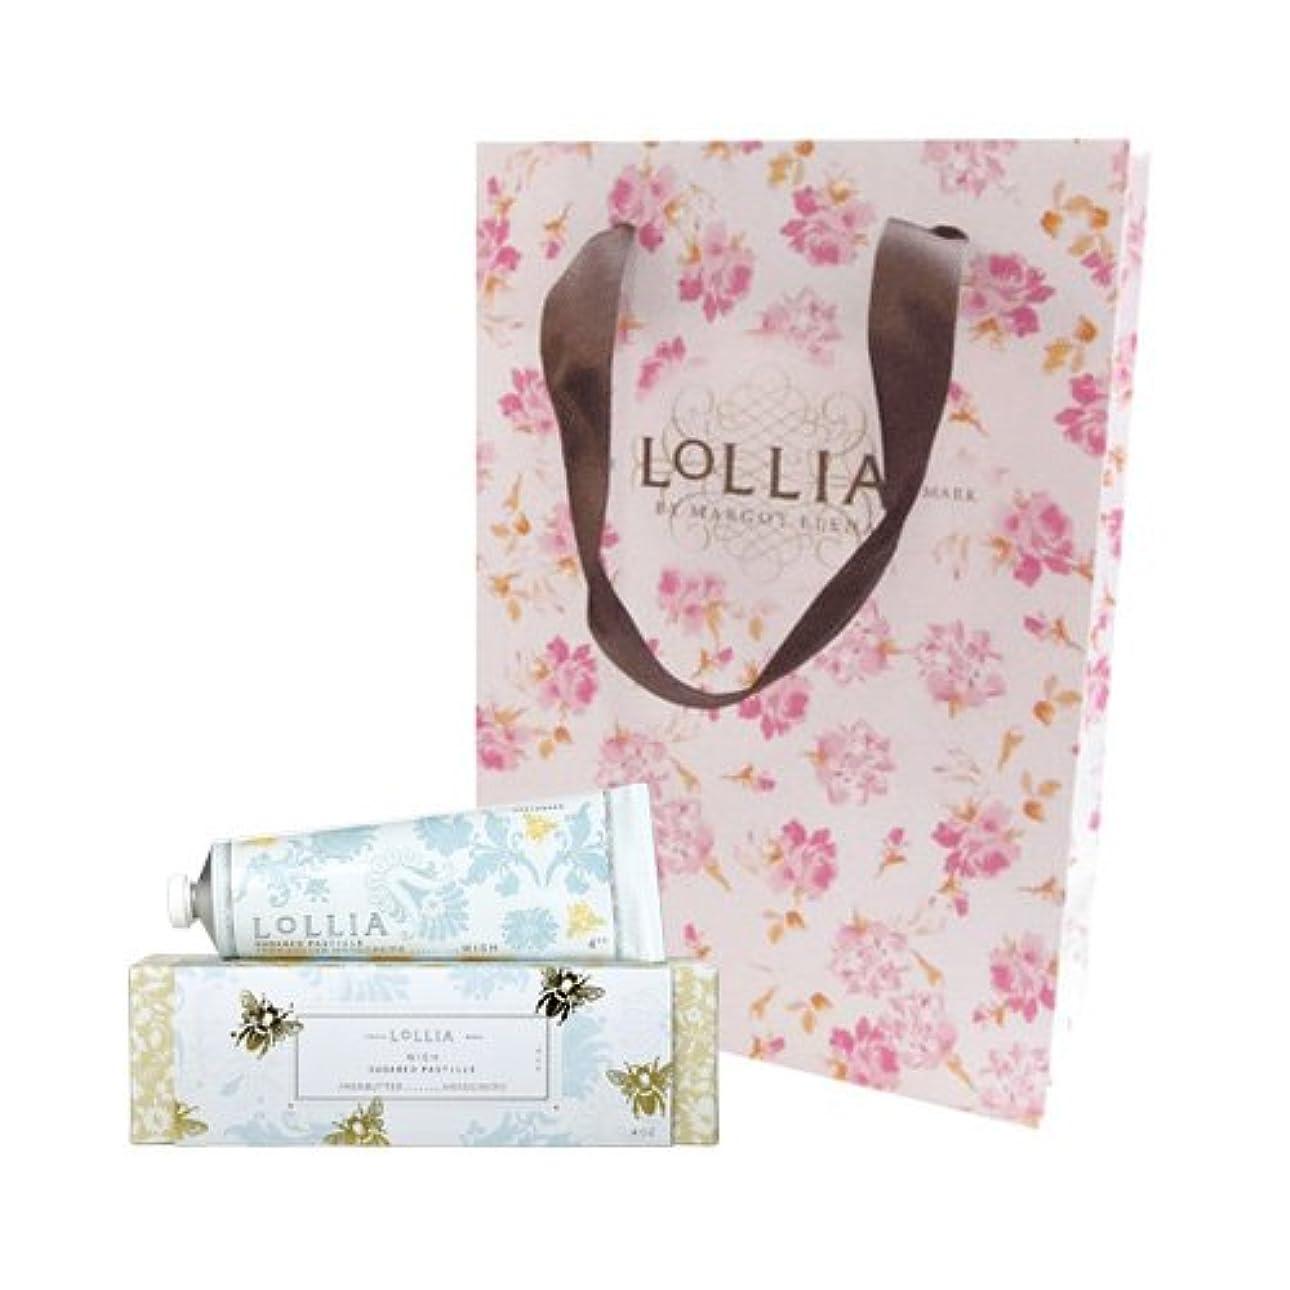 ビン縞模様の程度ロリア(LoLLIA) ハンドクリーム Wish 35g (白い花にしたたる蜜とバニラの甘く切ない願い) ショッパー付